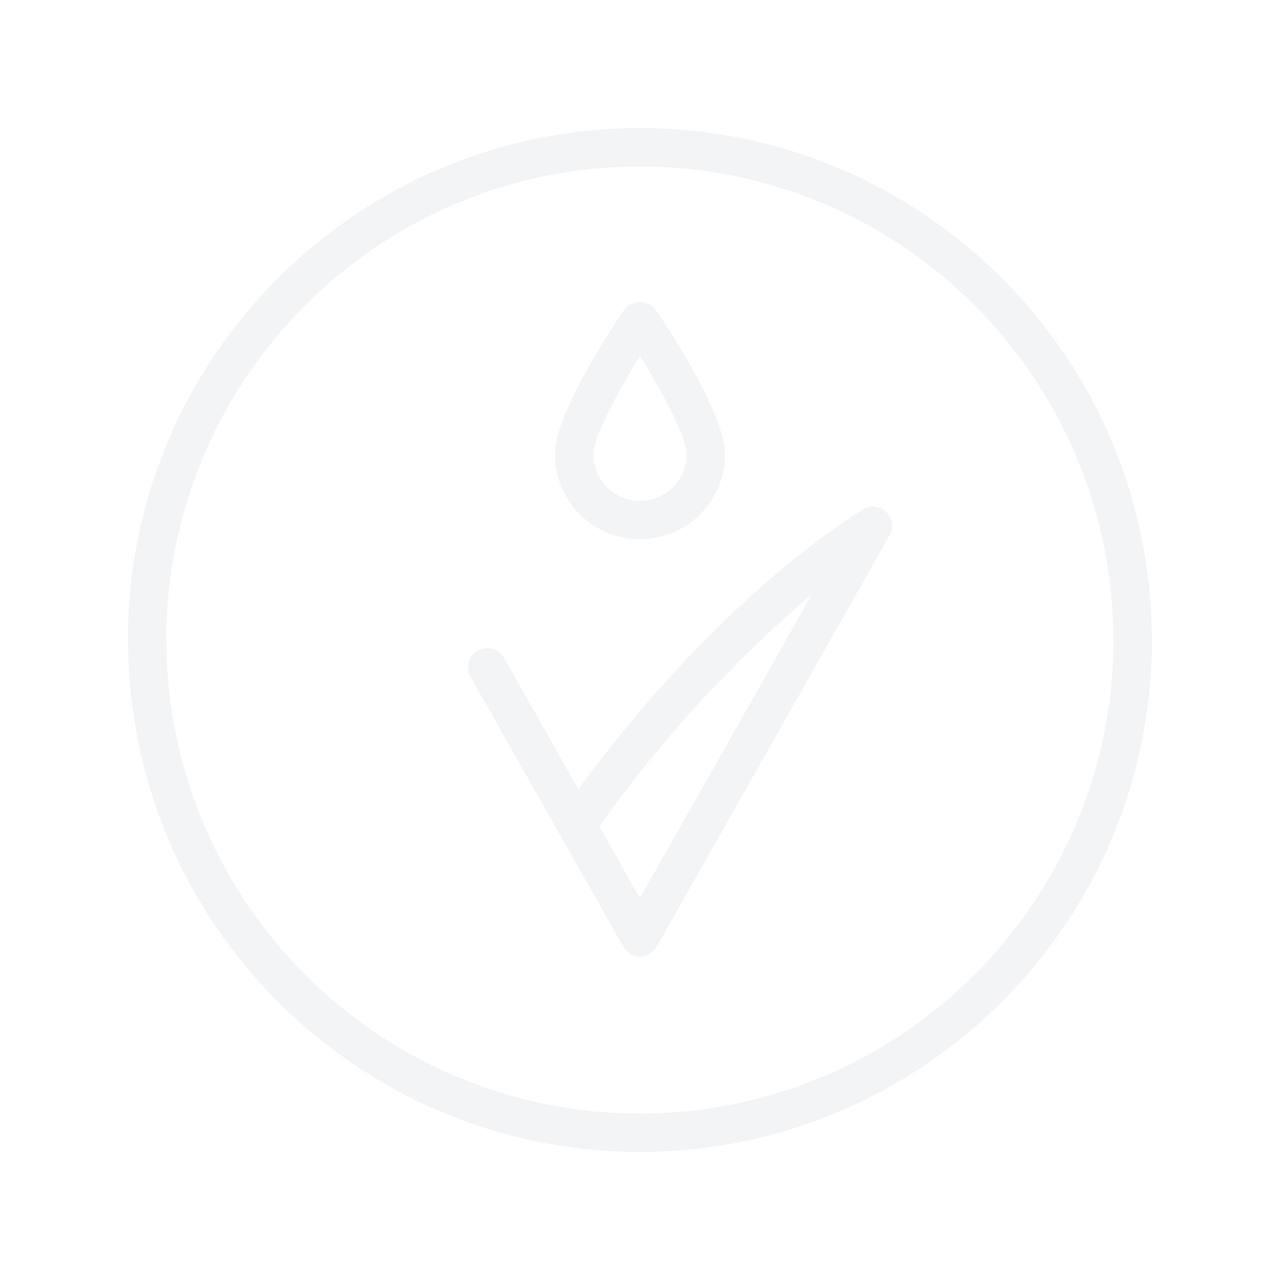 HOLIKA HOLIKA Aloe Soothing Essence Emulsion 200ml